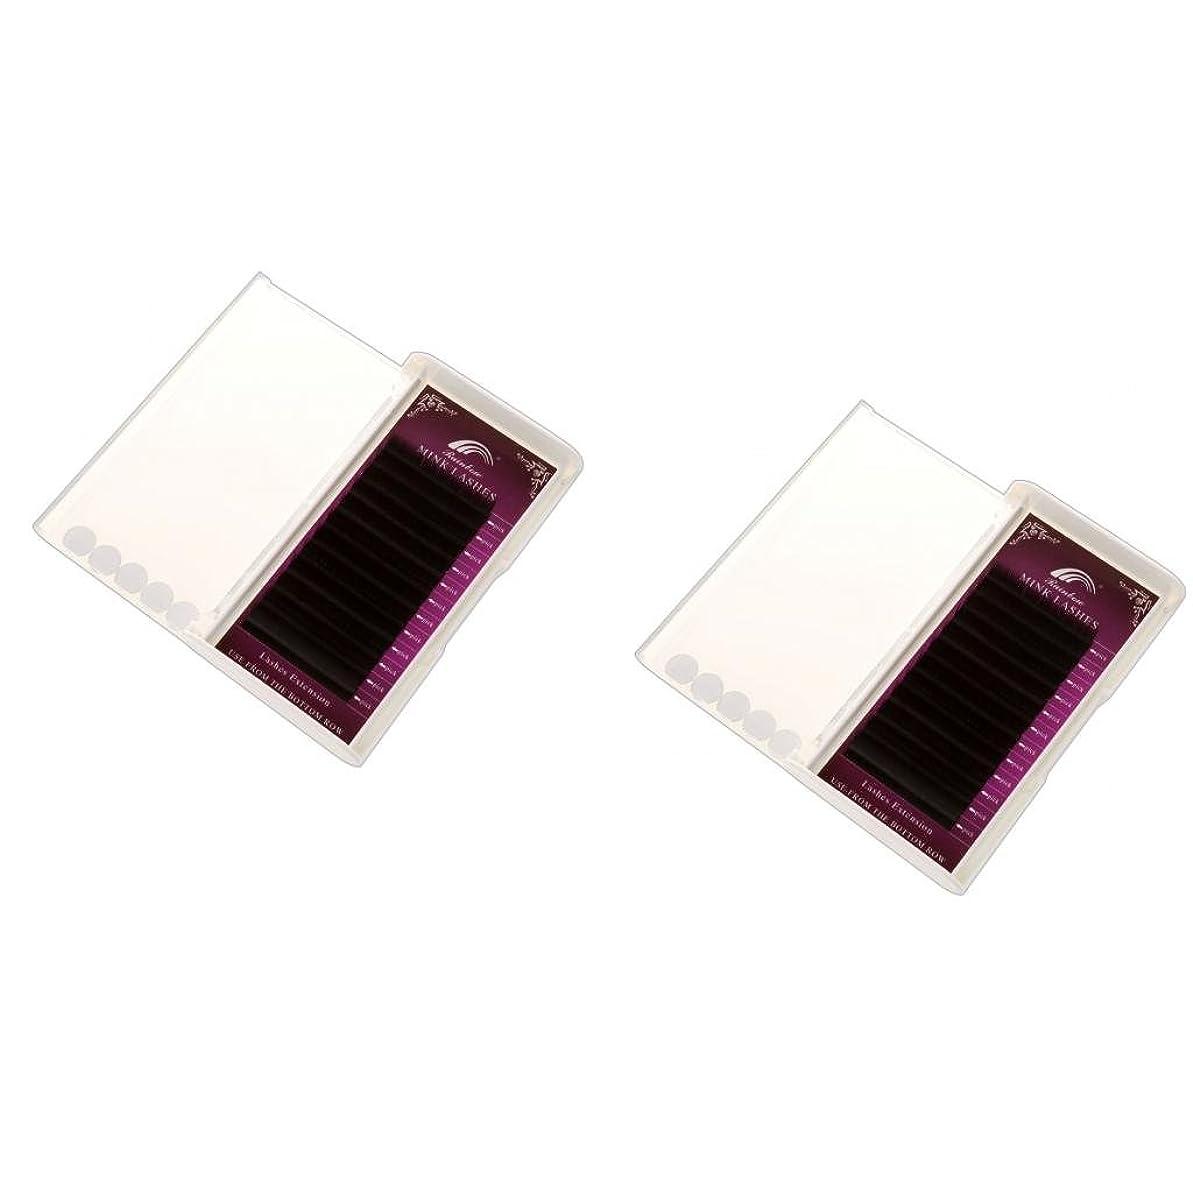 強度辞書見込みToygogo 3Dまつげ個別まつげエクステンション8-13mm混合まつげ半永久Cカール0.07mm